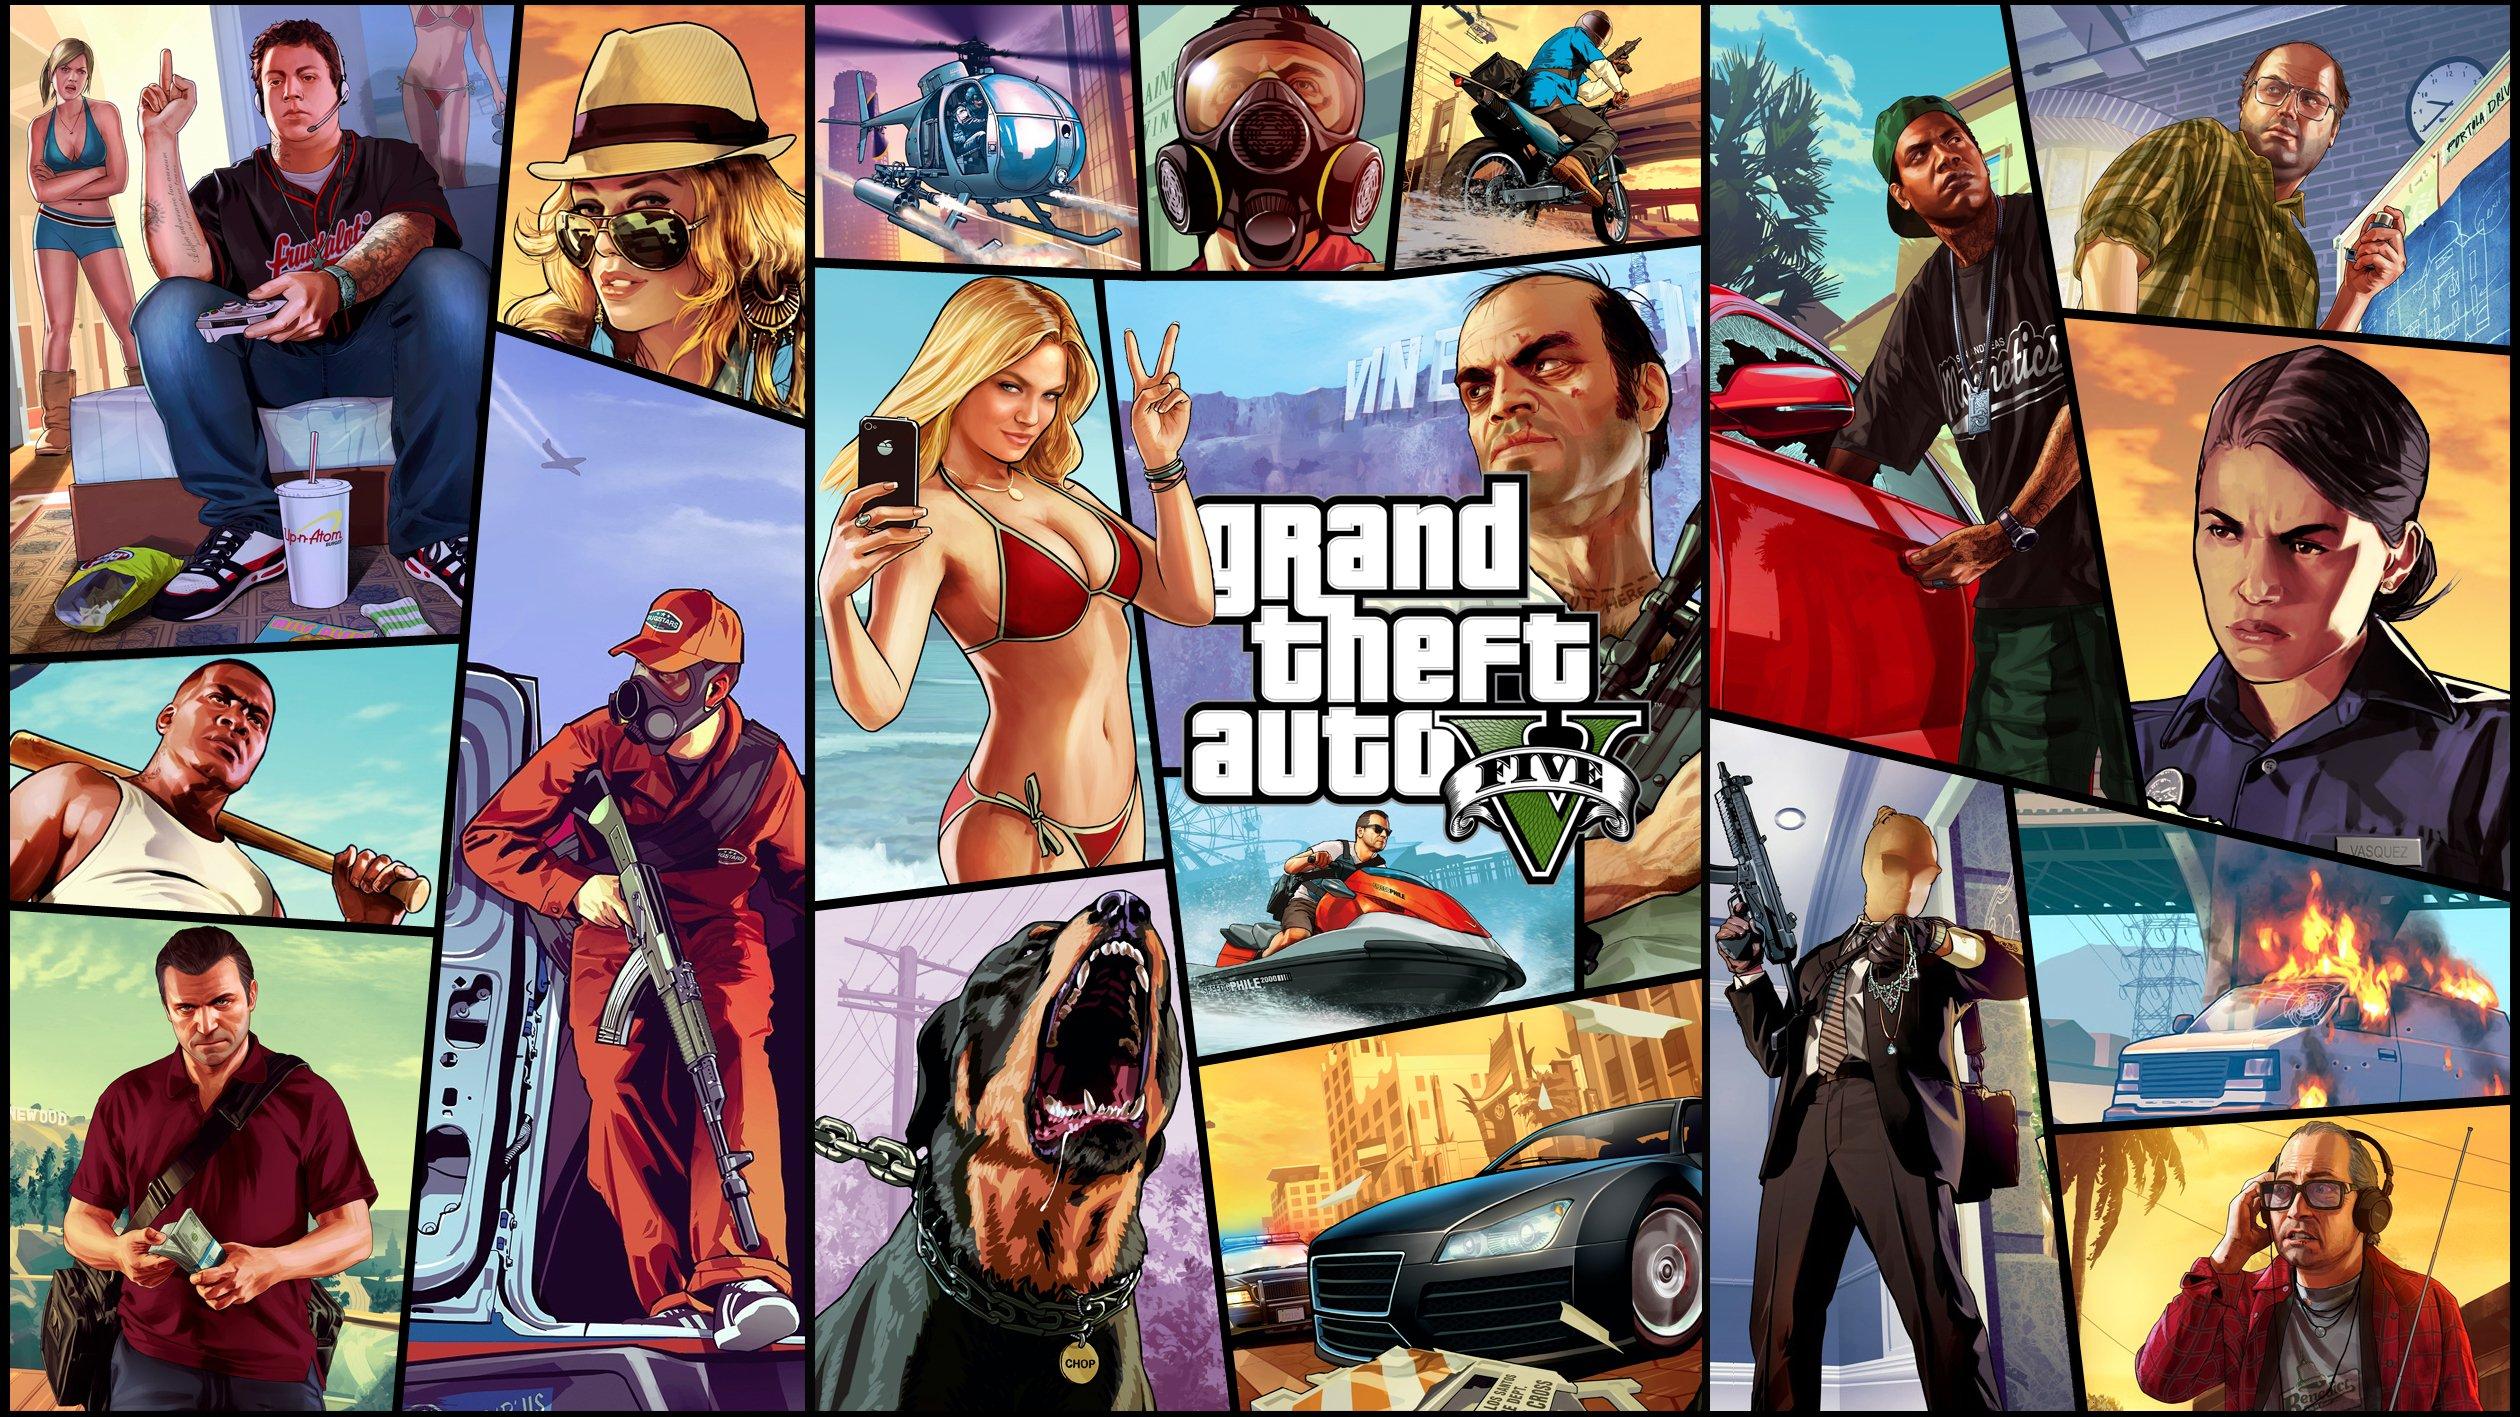 Fondos de pantalla Grand Theft Auto V (GTA 5) Poster